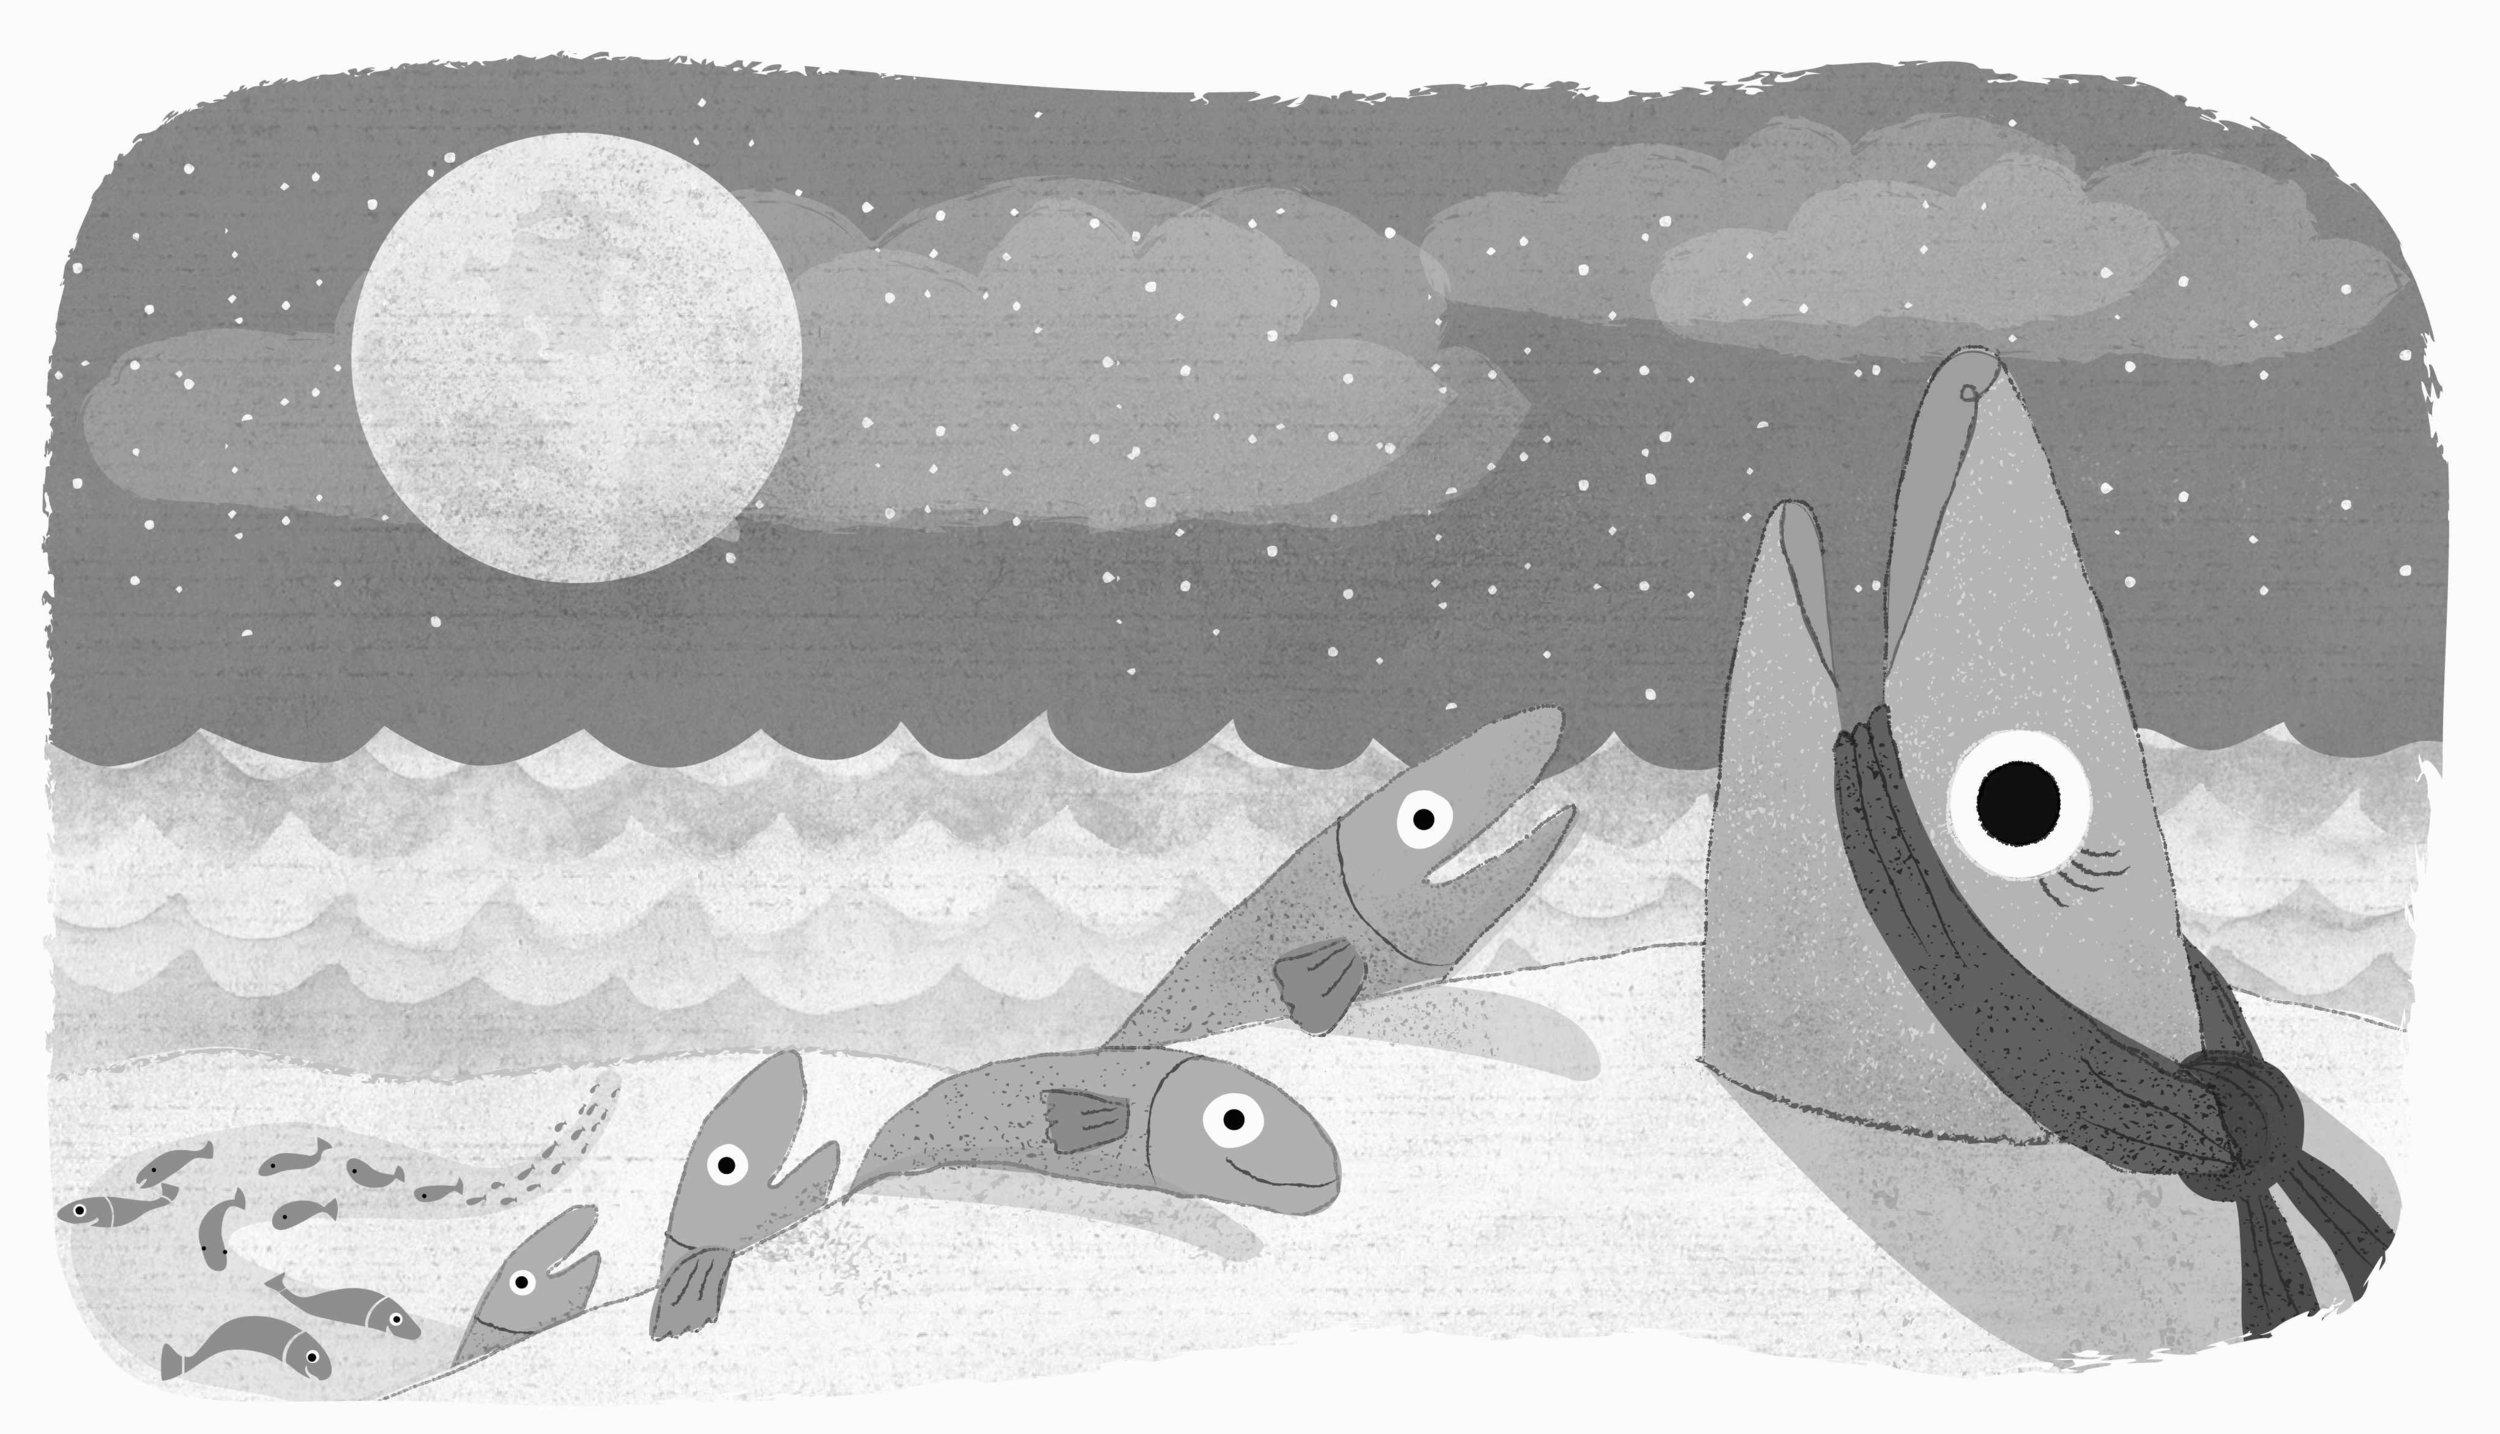 Illustrations by  Missy Chimovitz.